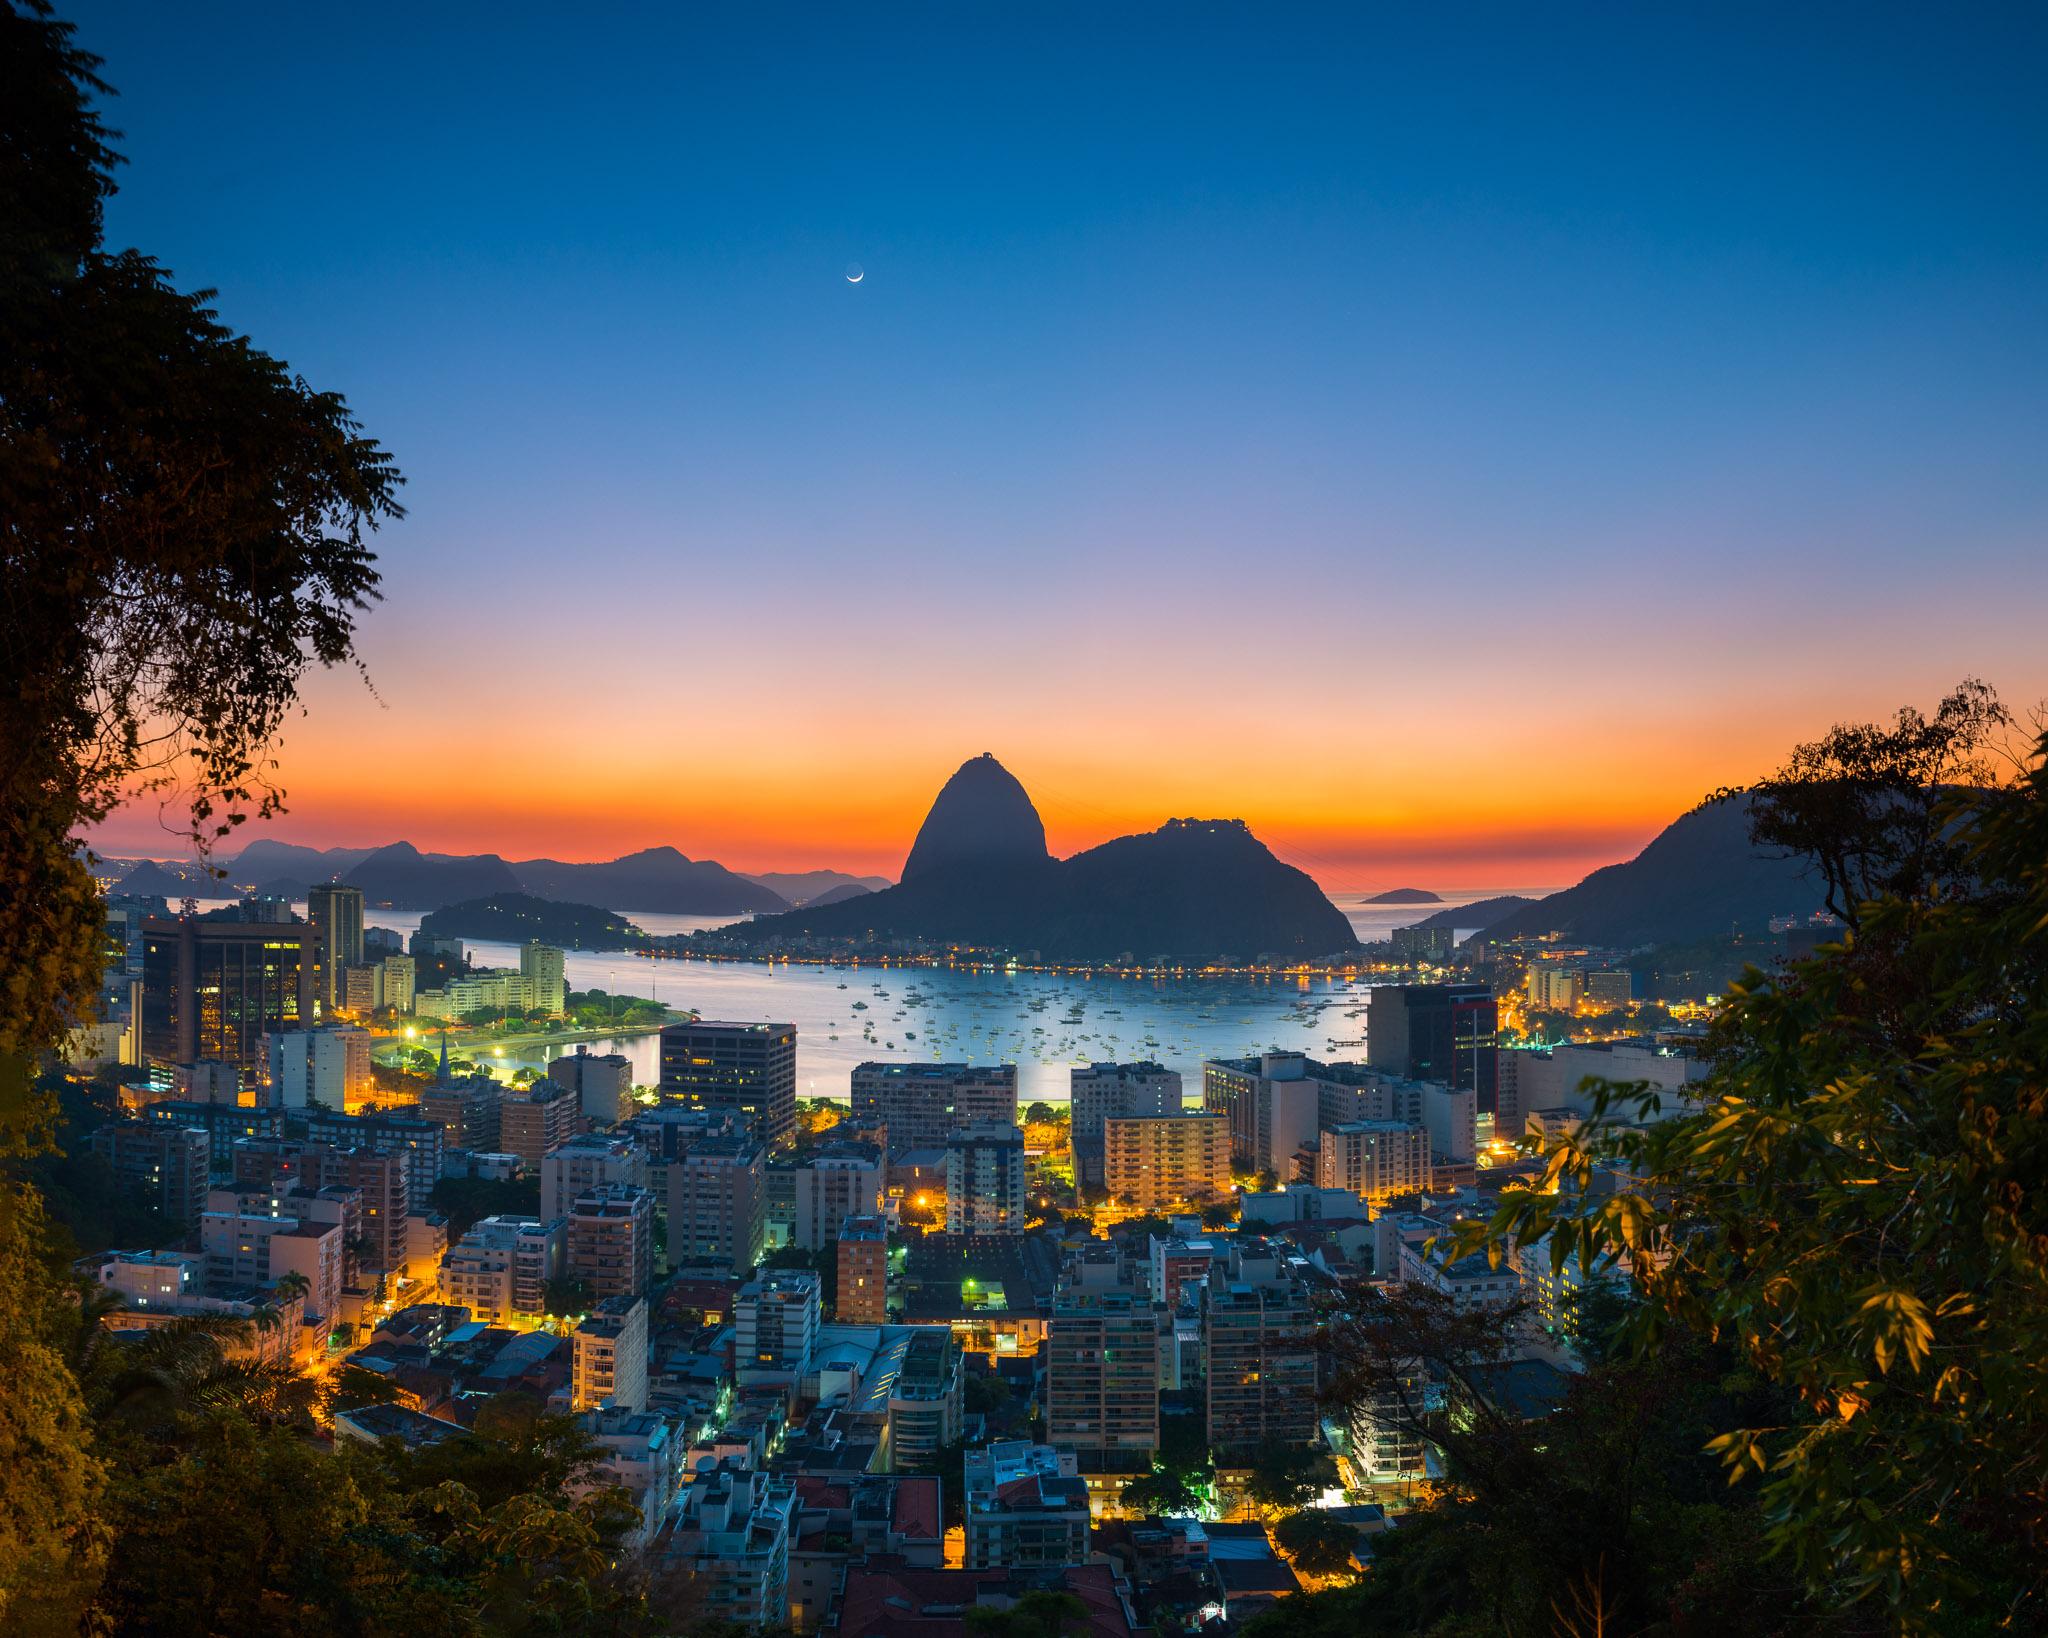 Foto FInal: Amanhecer na Enseada de Botafogo com lua